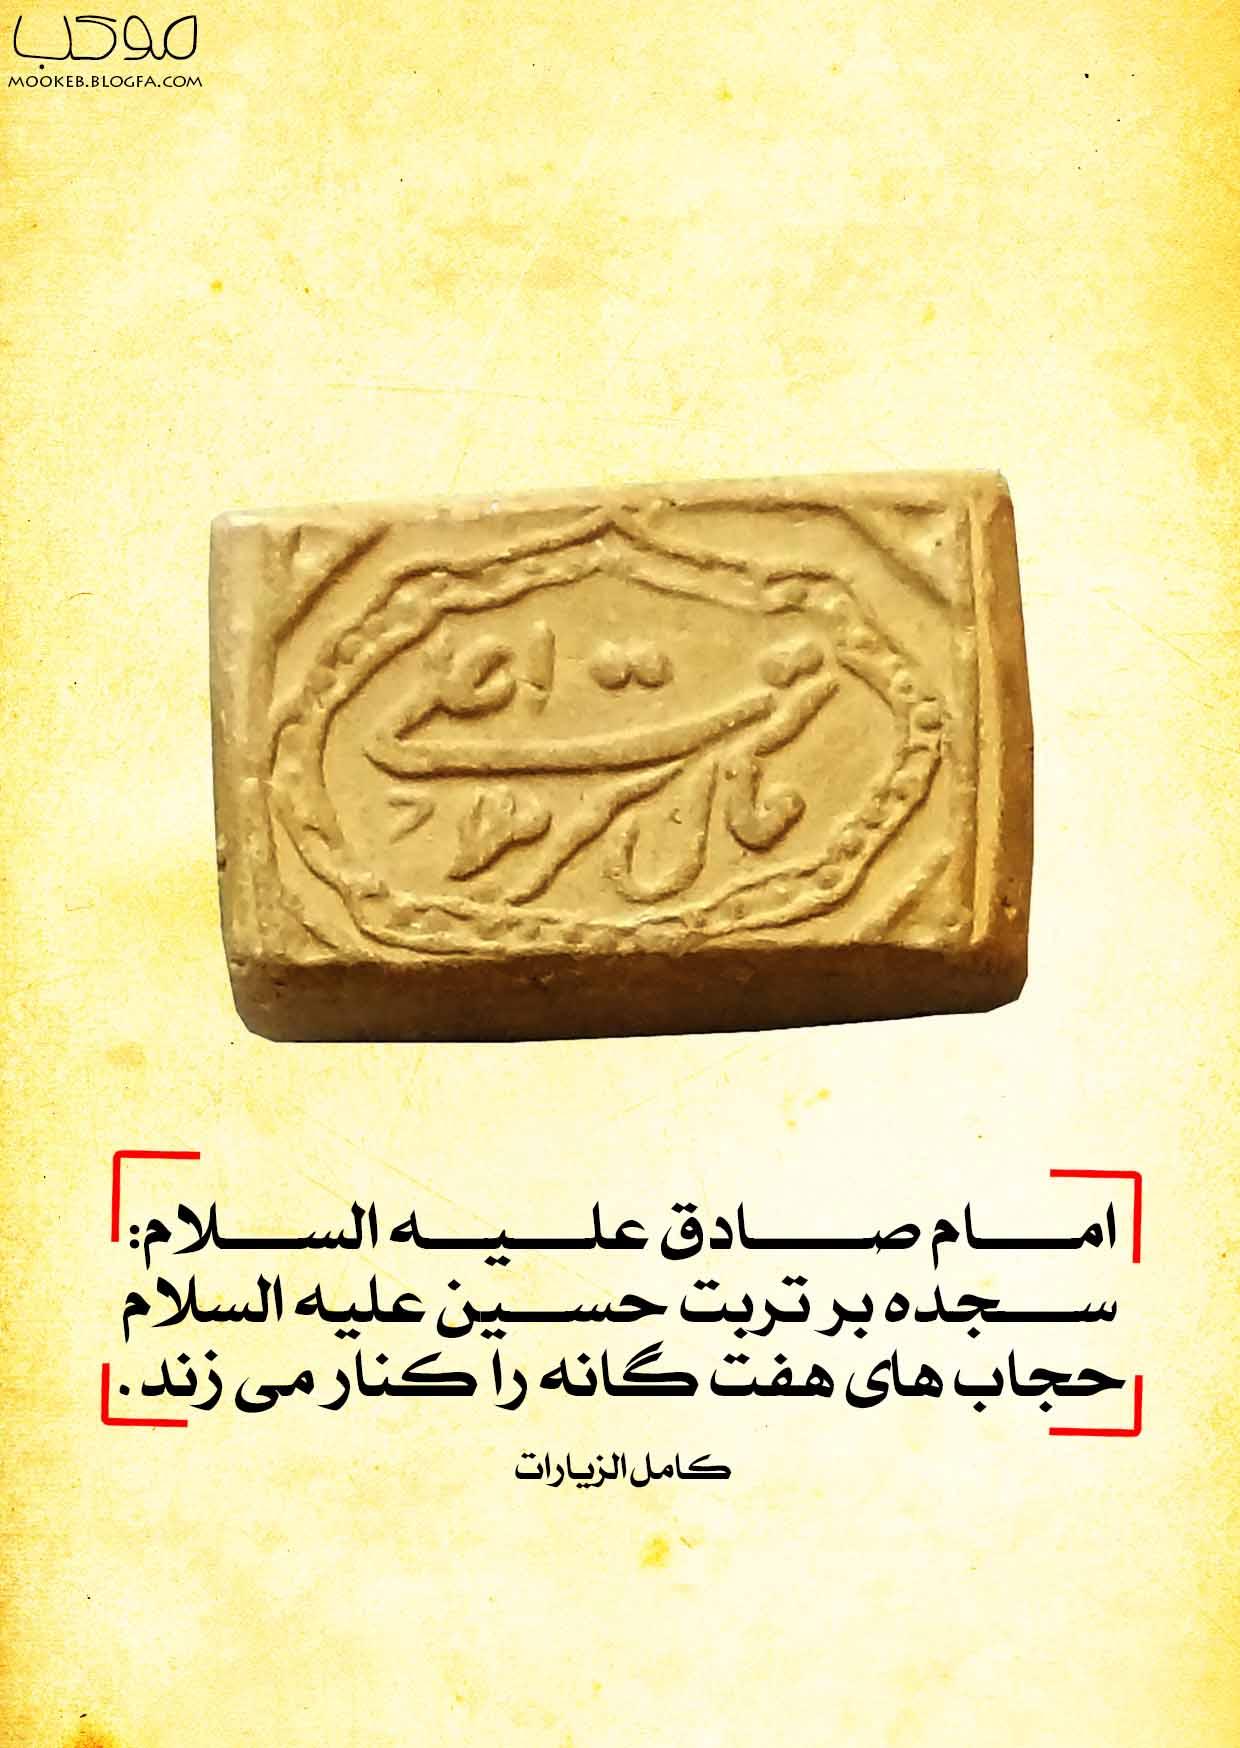 داستان فروش تربت امام حسین(ع)